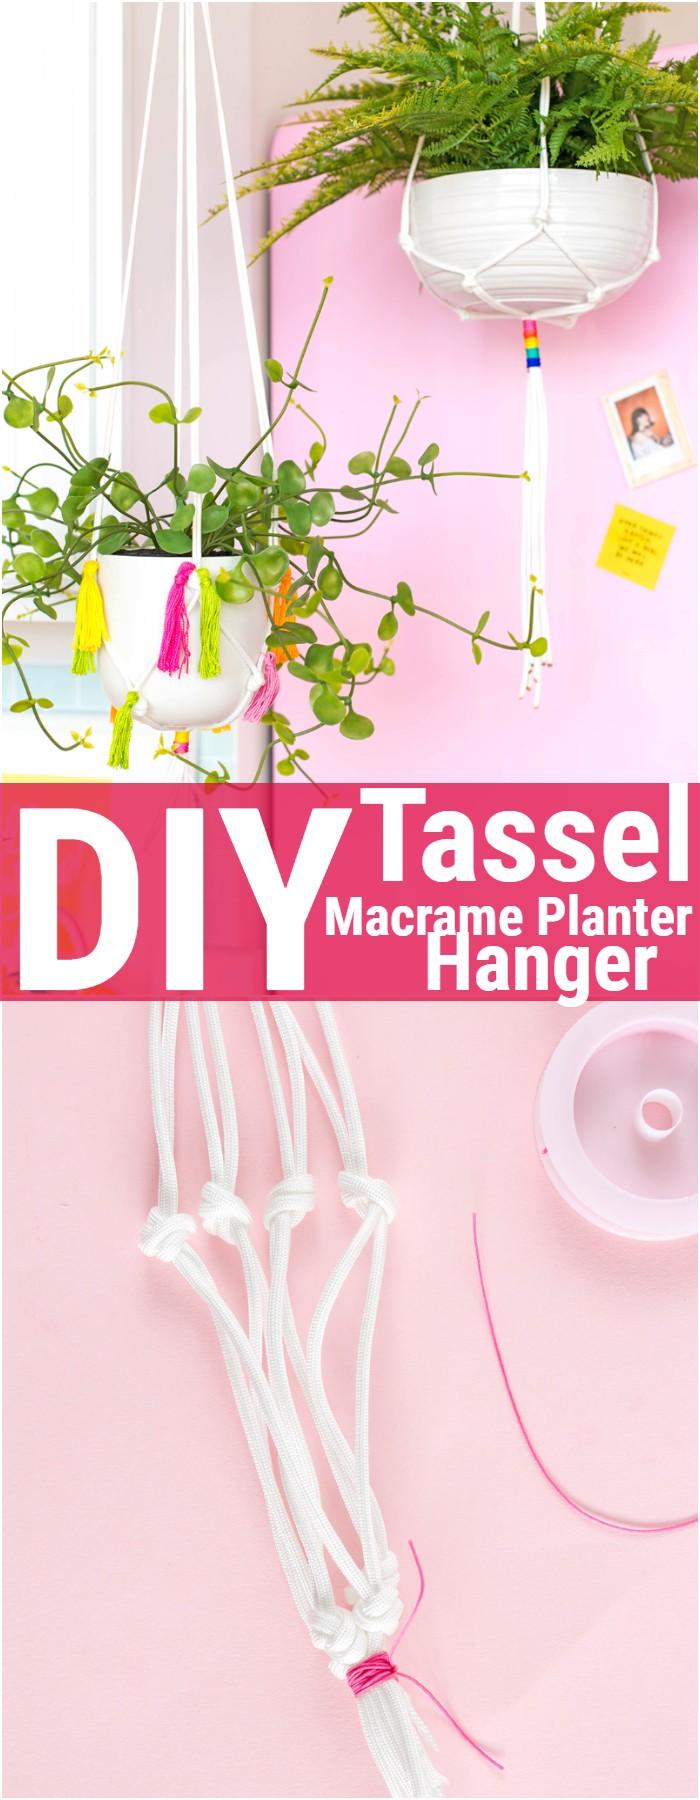 DIY Tassel Macrame Planter Hanger